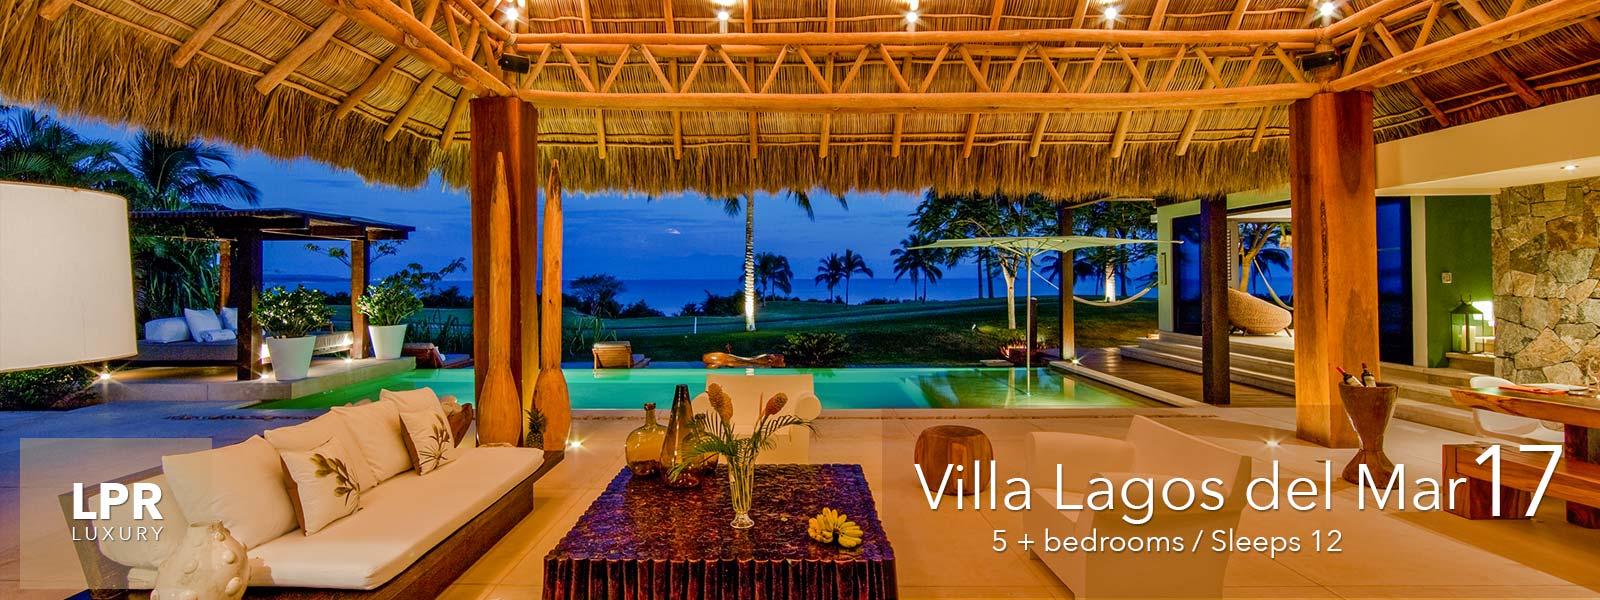 Villa Lagos del Mar 17 - Luxury Punta Mita Resort Real Estate and Vacation Rentals